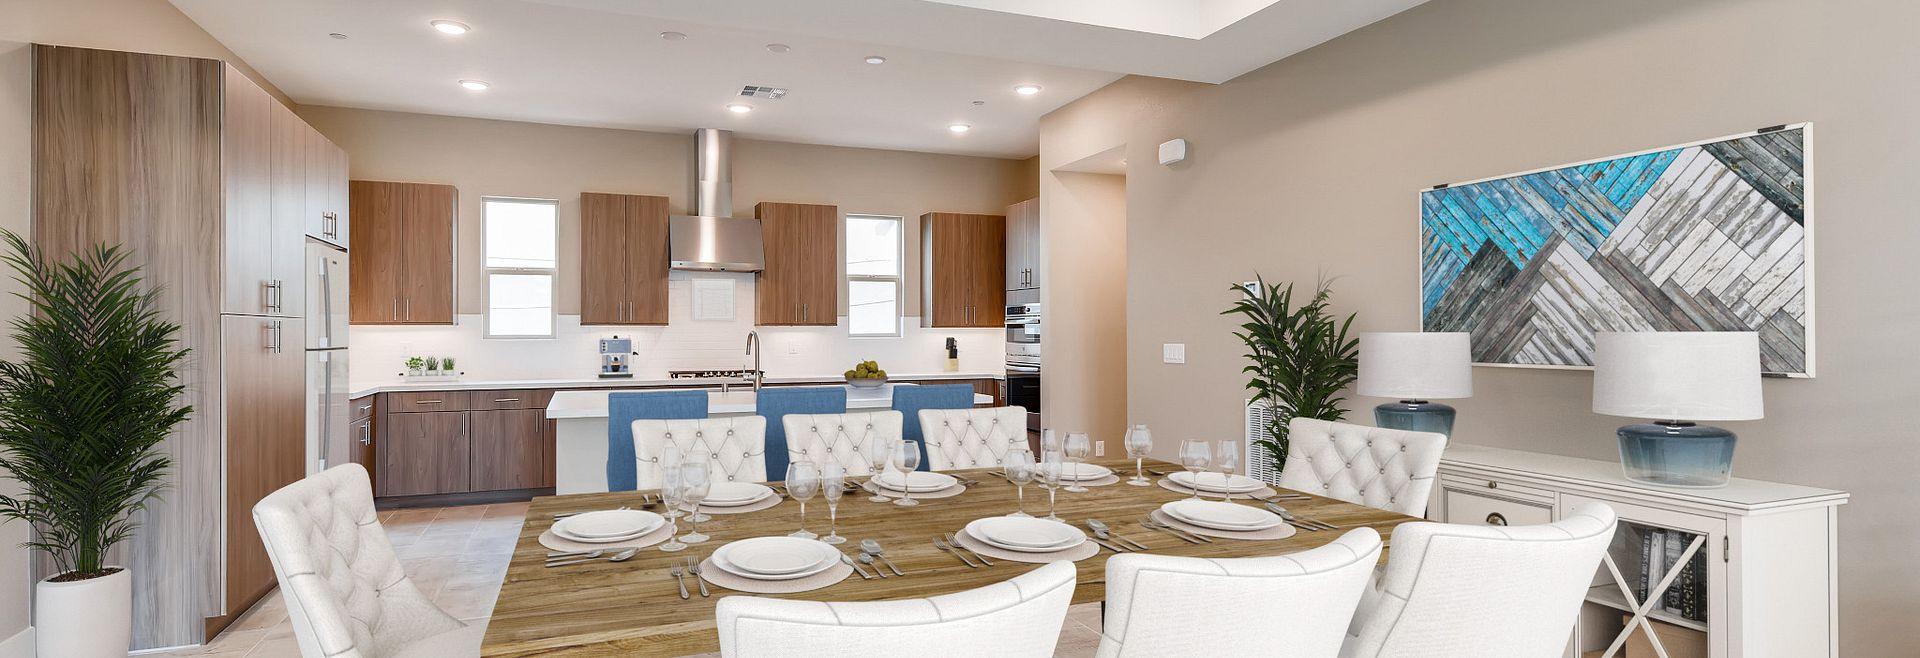 Trilogy Summerlin Splendor Virtually Staged Dining Room